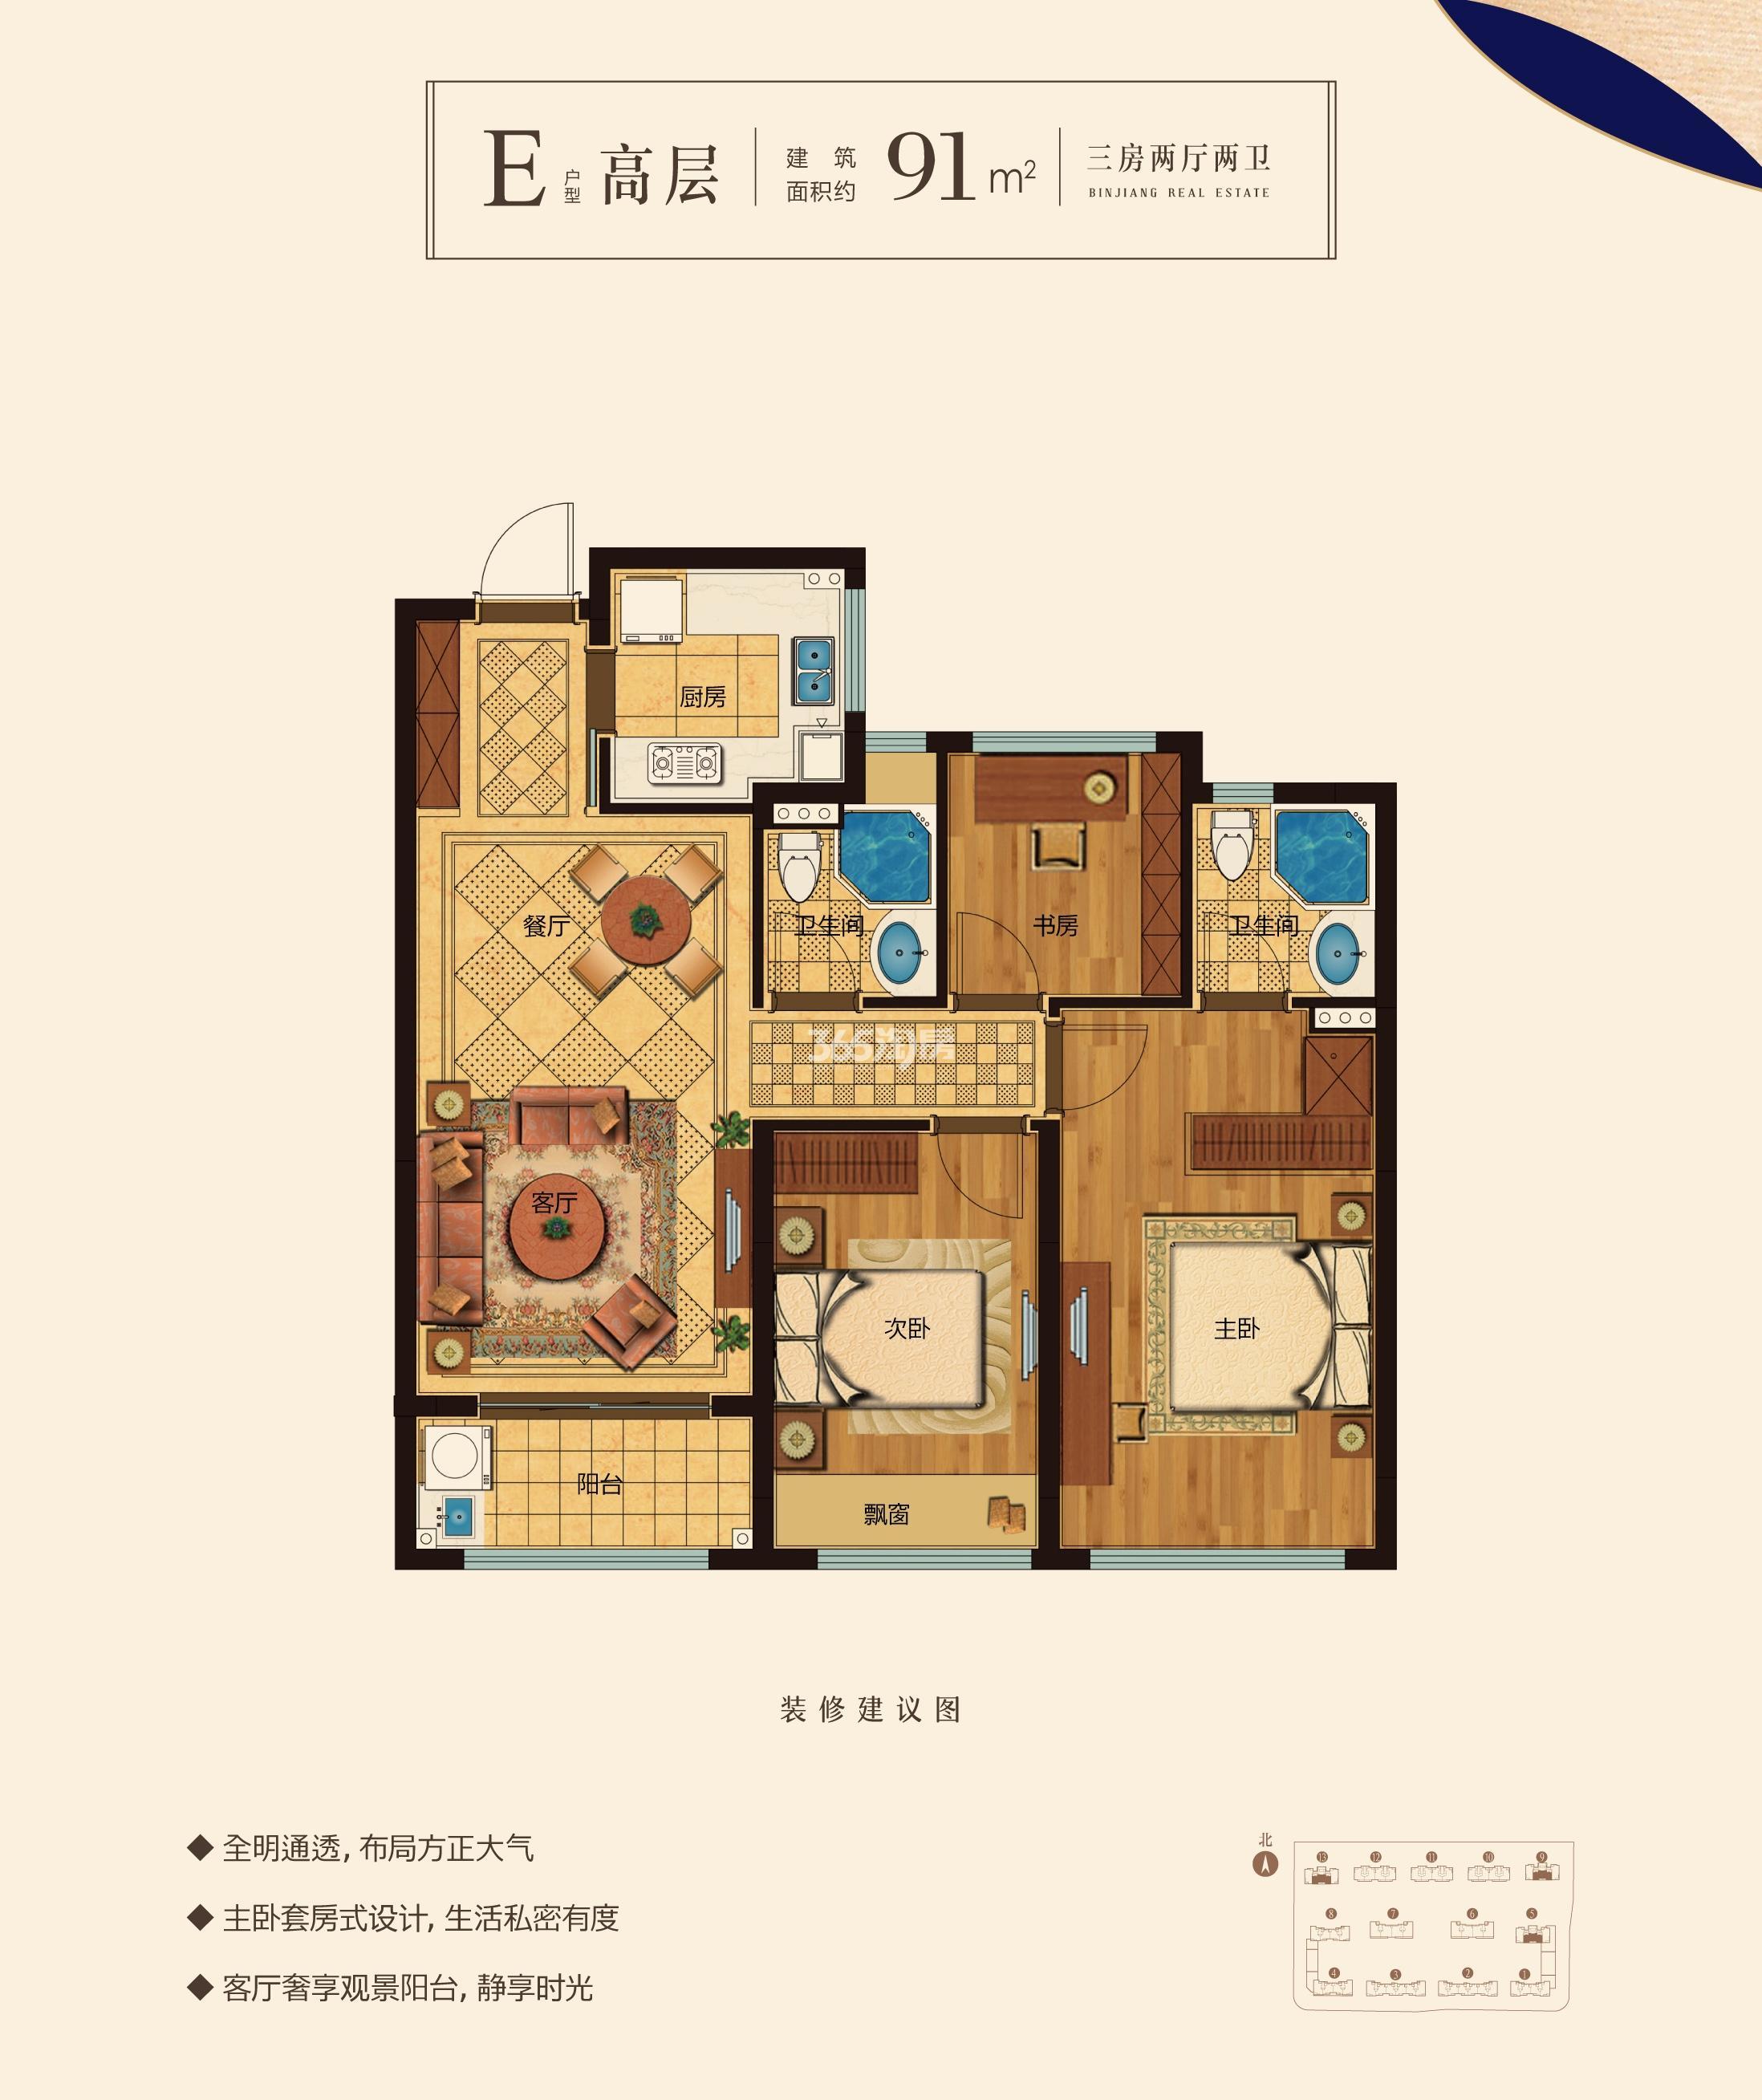 滨江新希望拥潮府高层E户型91方 (5、9、13#)